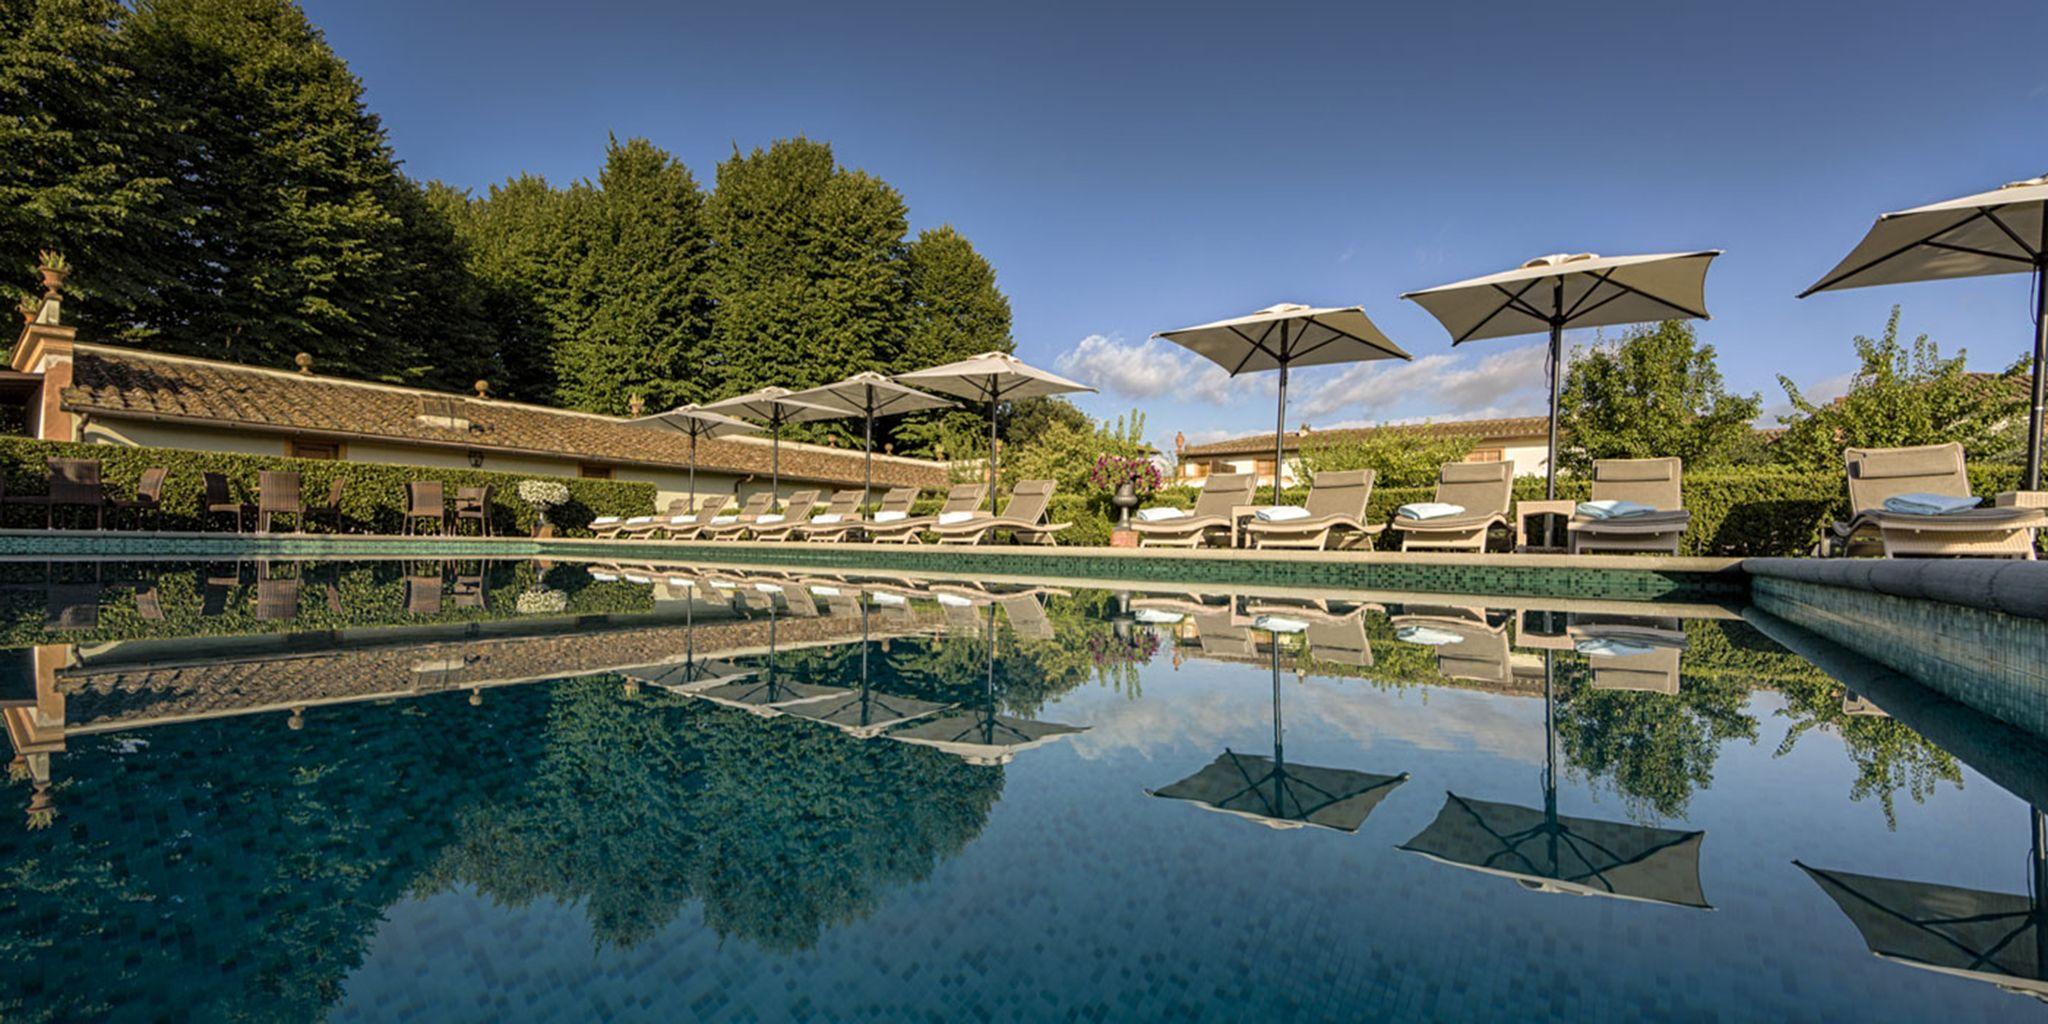 Villa Olmi Firenze In Bagno A Ripoli Italy